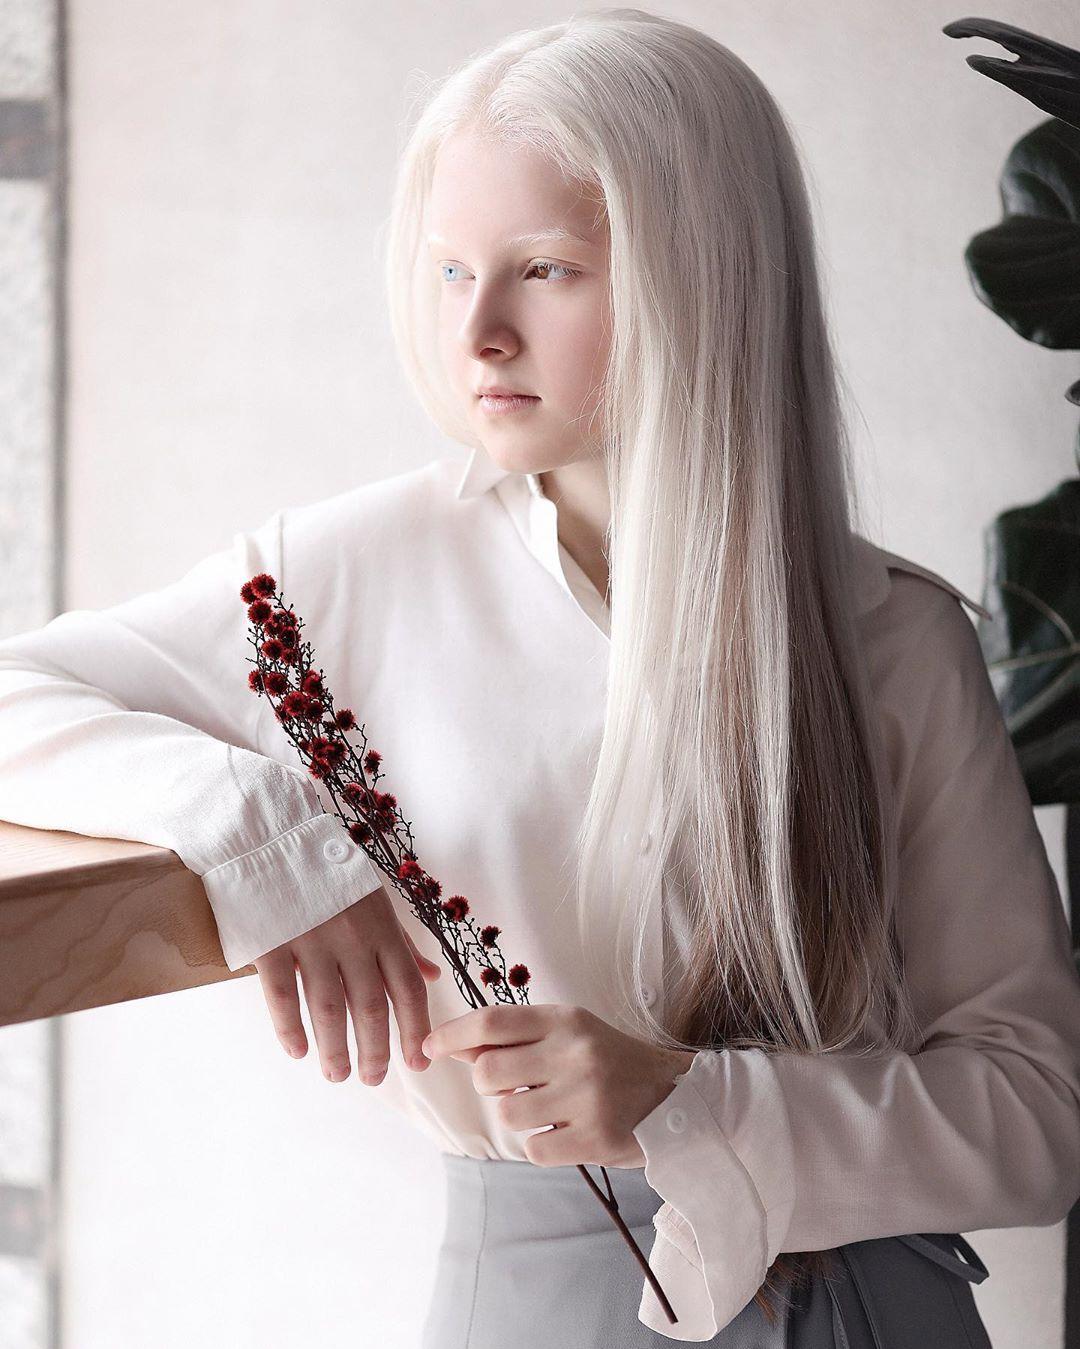 Garota chechena atordoa a Internet com sua beleza sobrenatural 09